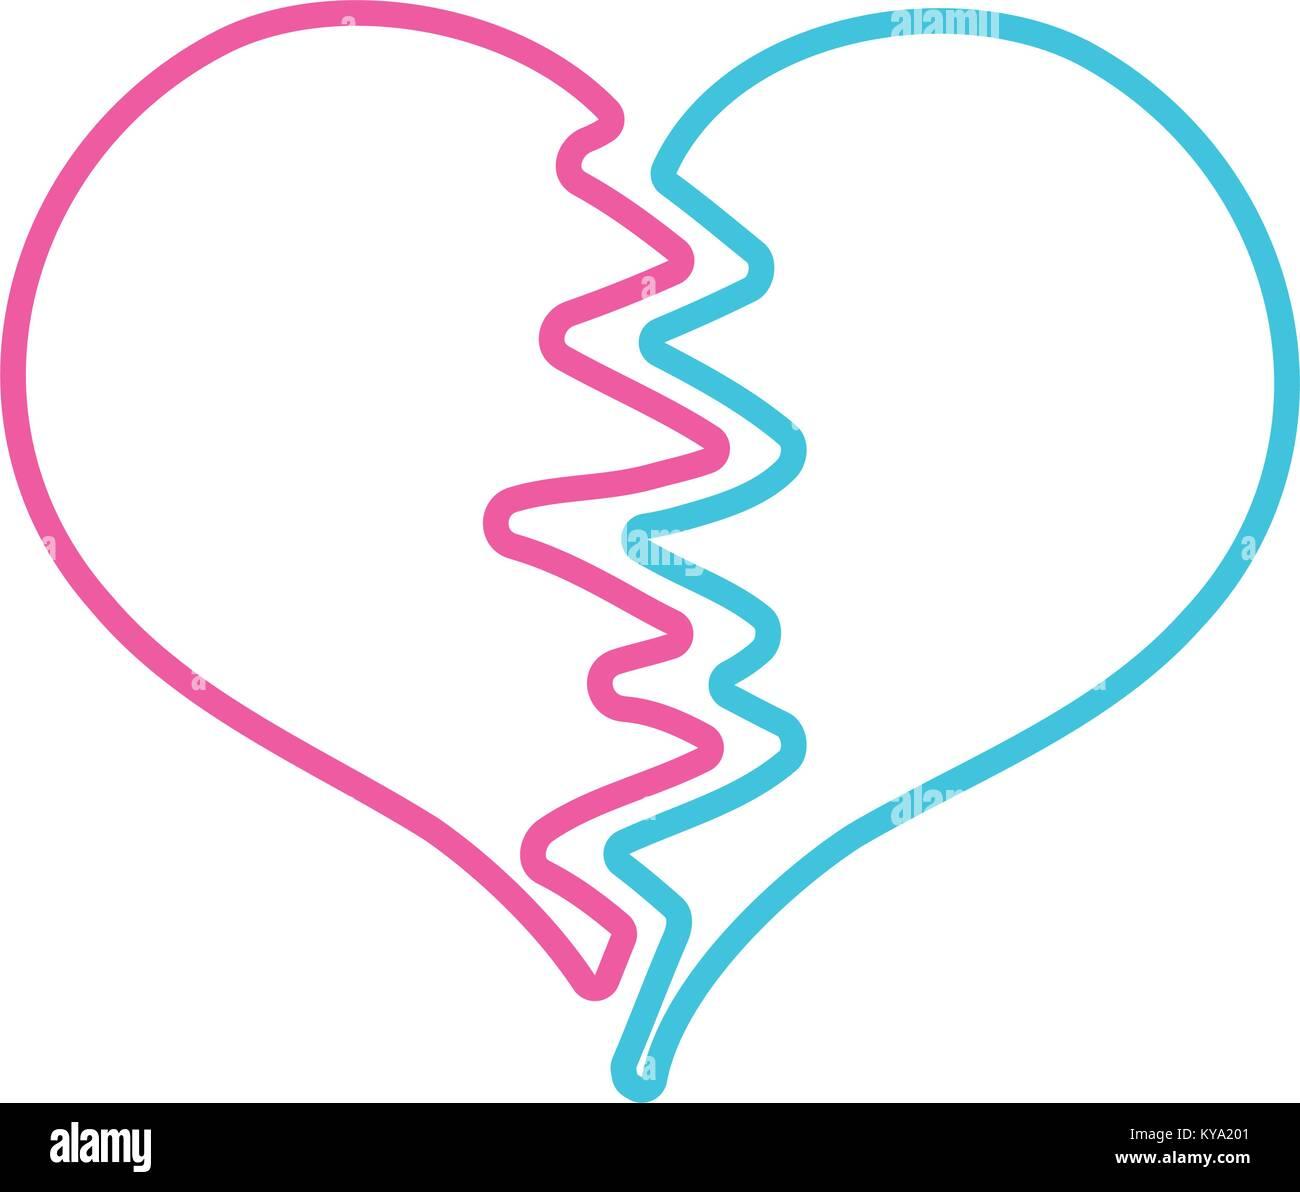 Broken heart symbol stock photos broken heart symbol stock color line heart symbol of love broken design stock image biocorpaavc Images